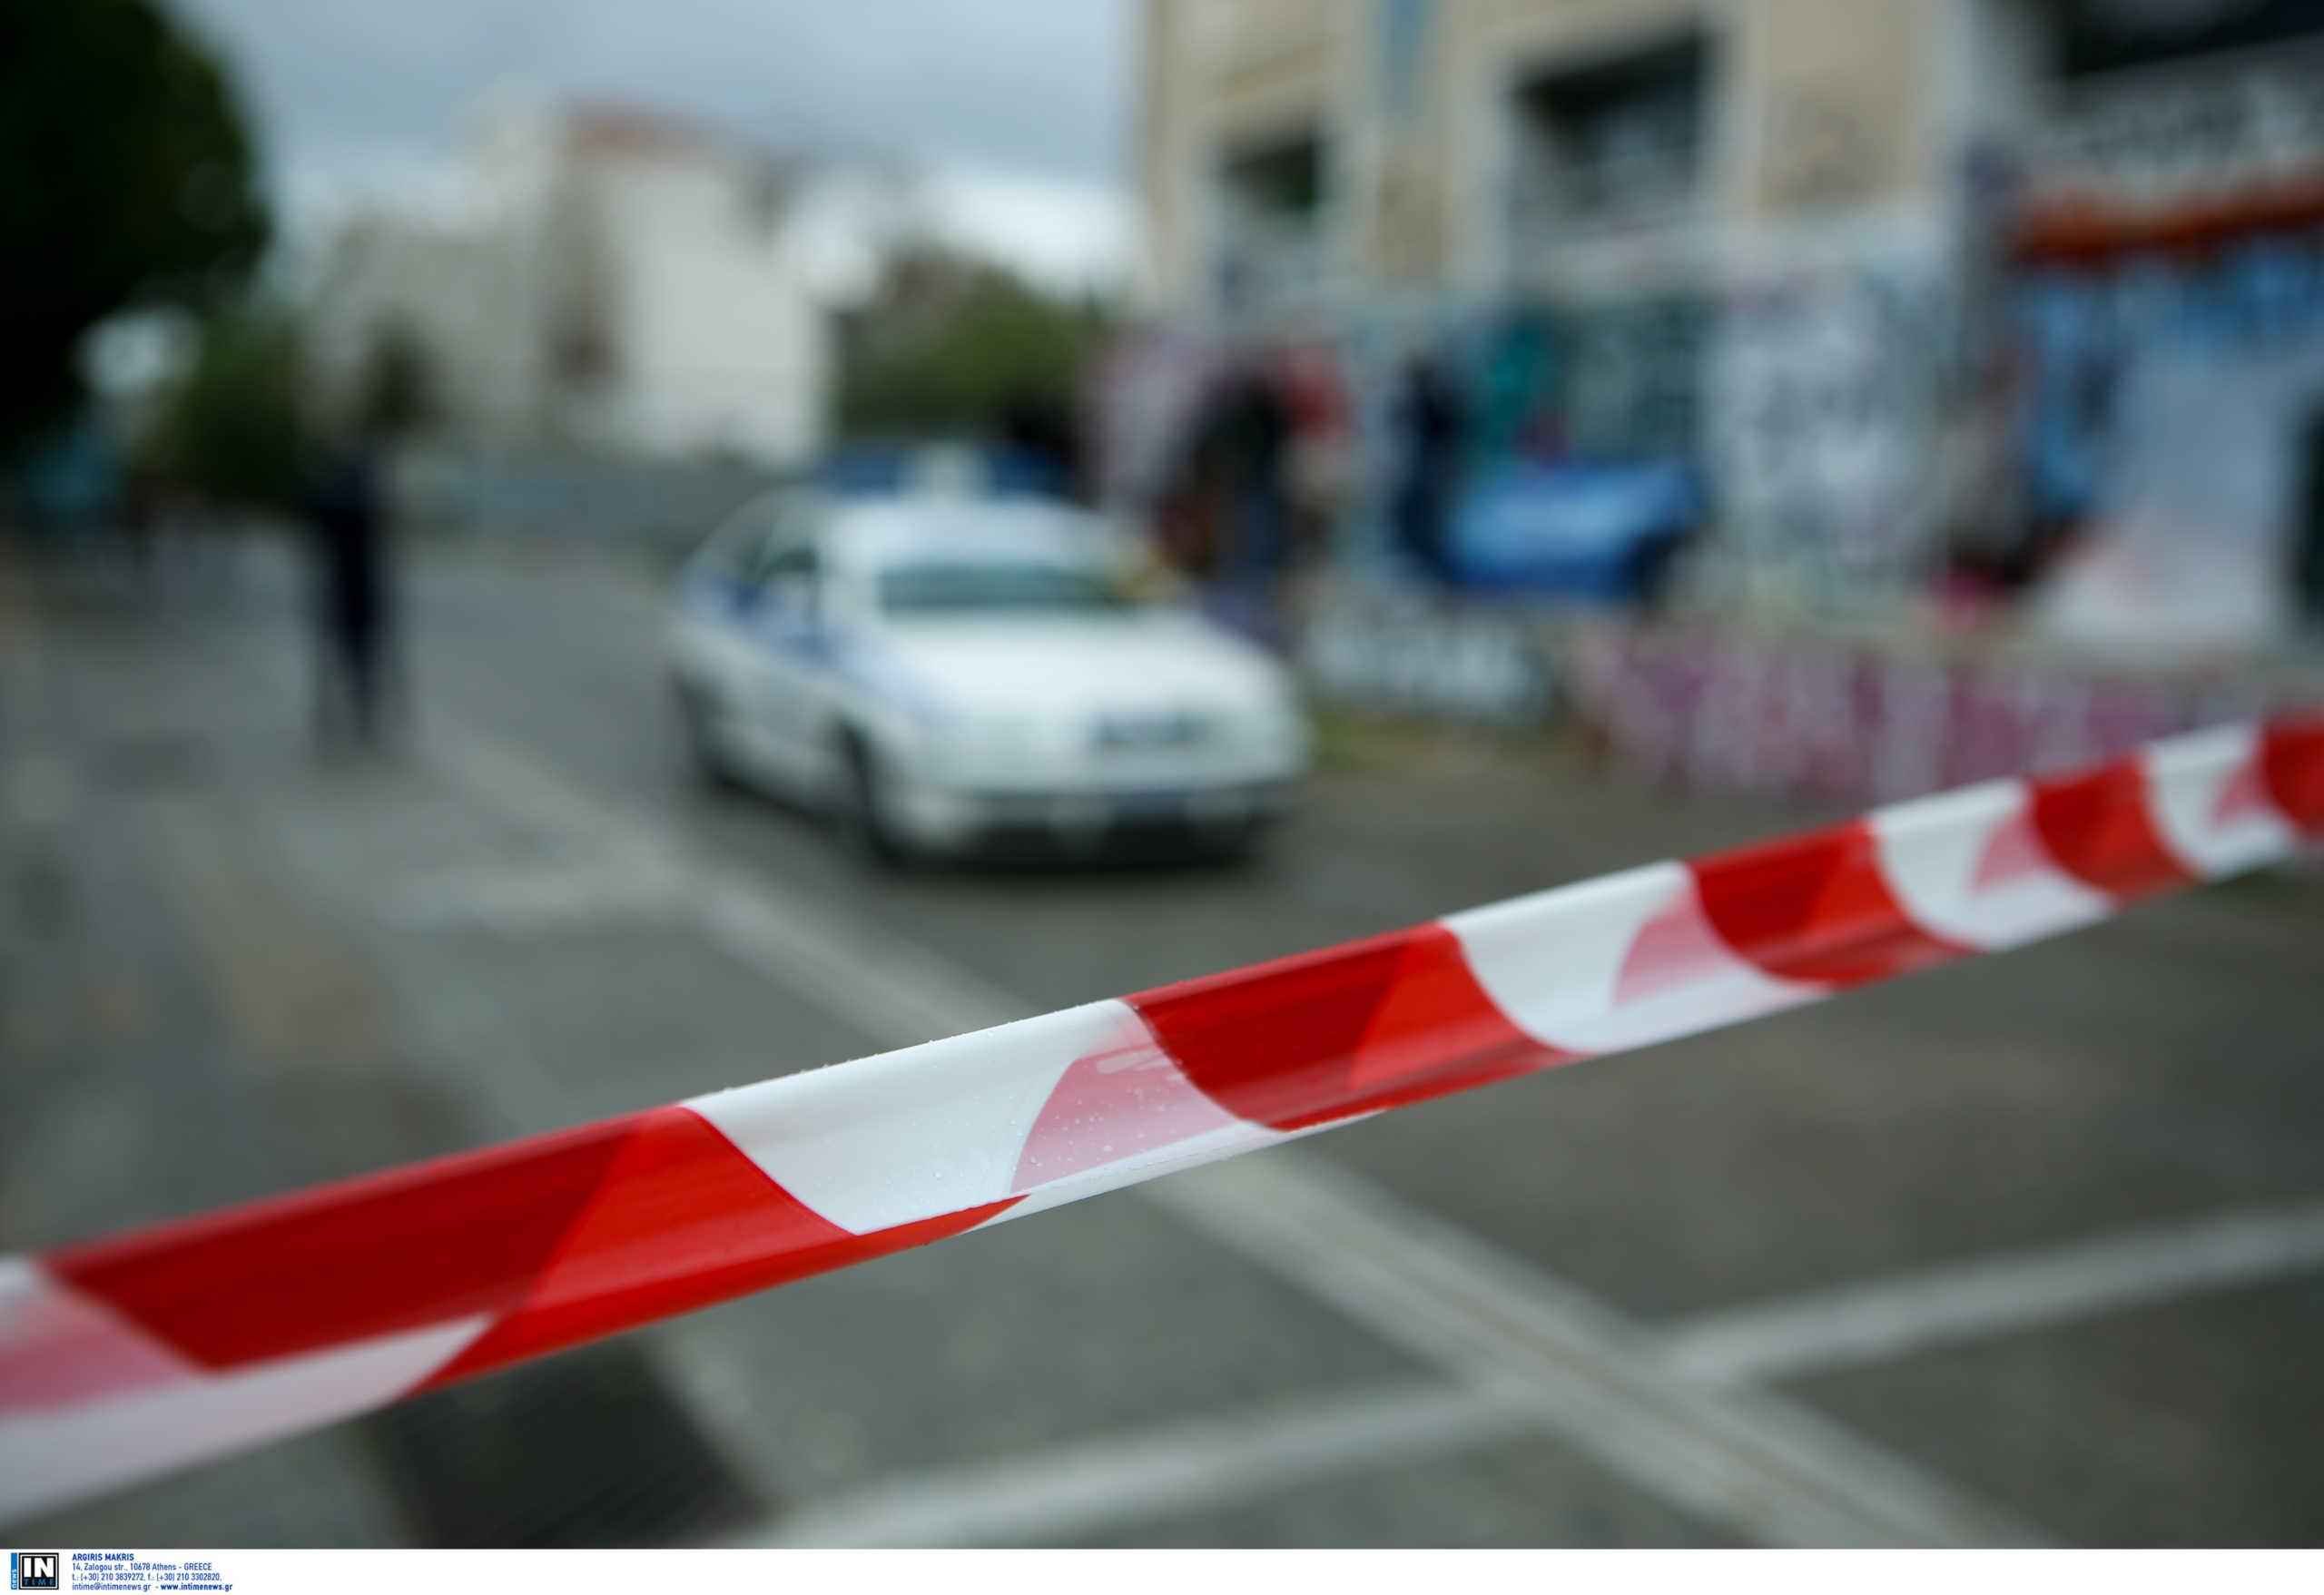 Χαλκίδα: Θρίλερ με πτώμα γυναίκας σε παραλία – Στο σημείο αστυνομικοί και πυροσβέστες